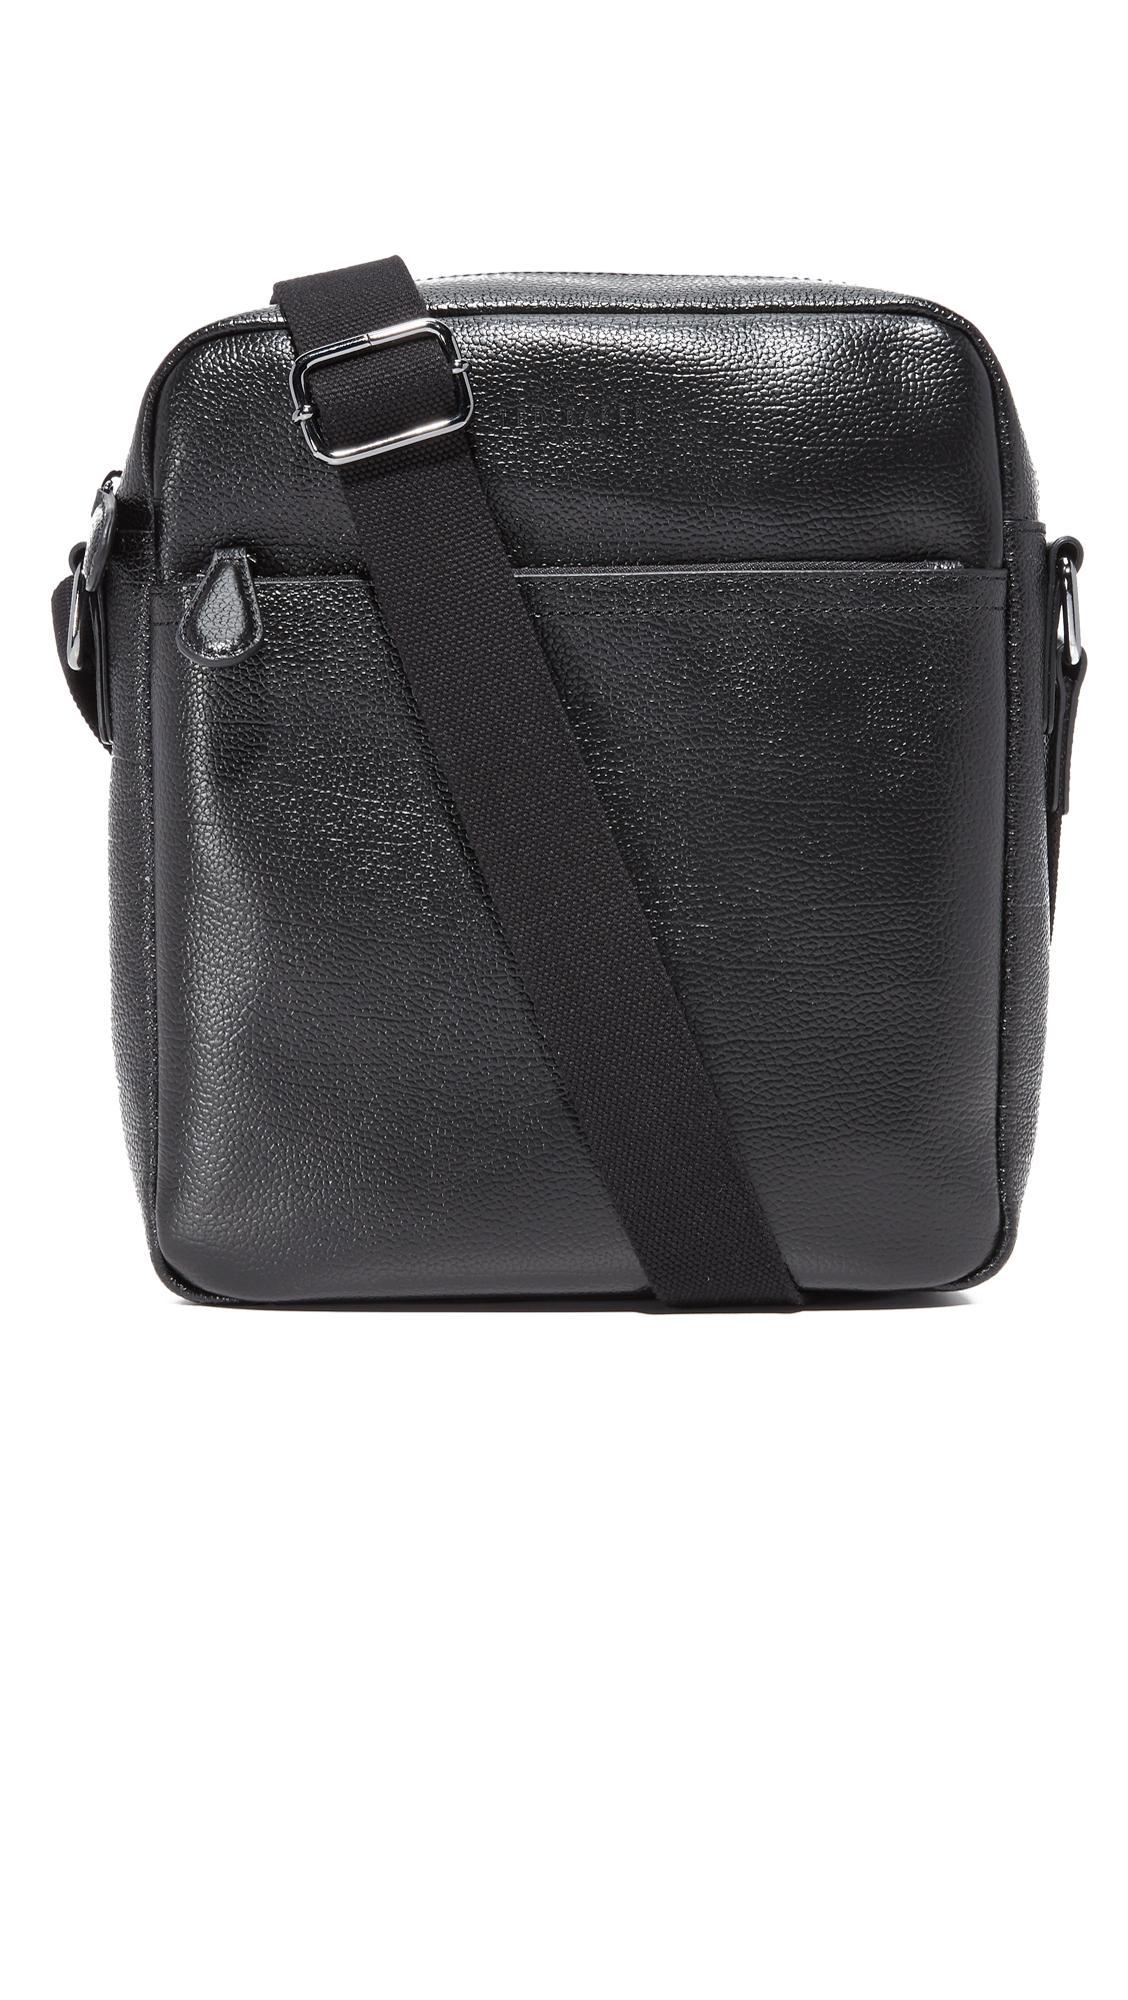 00dae38a99ee95 Ted Baker Flycor Messenger Bag in Black for Men - Lyst